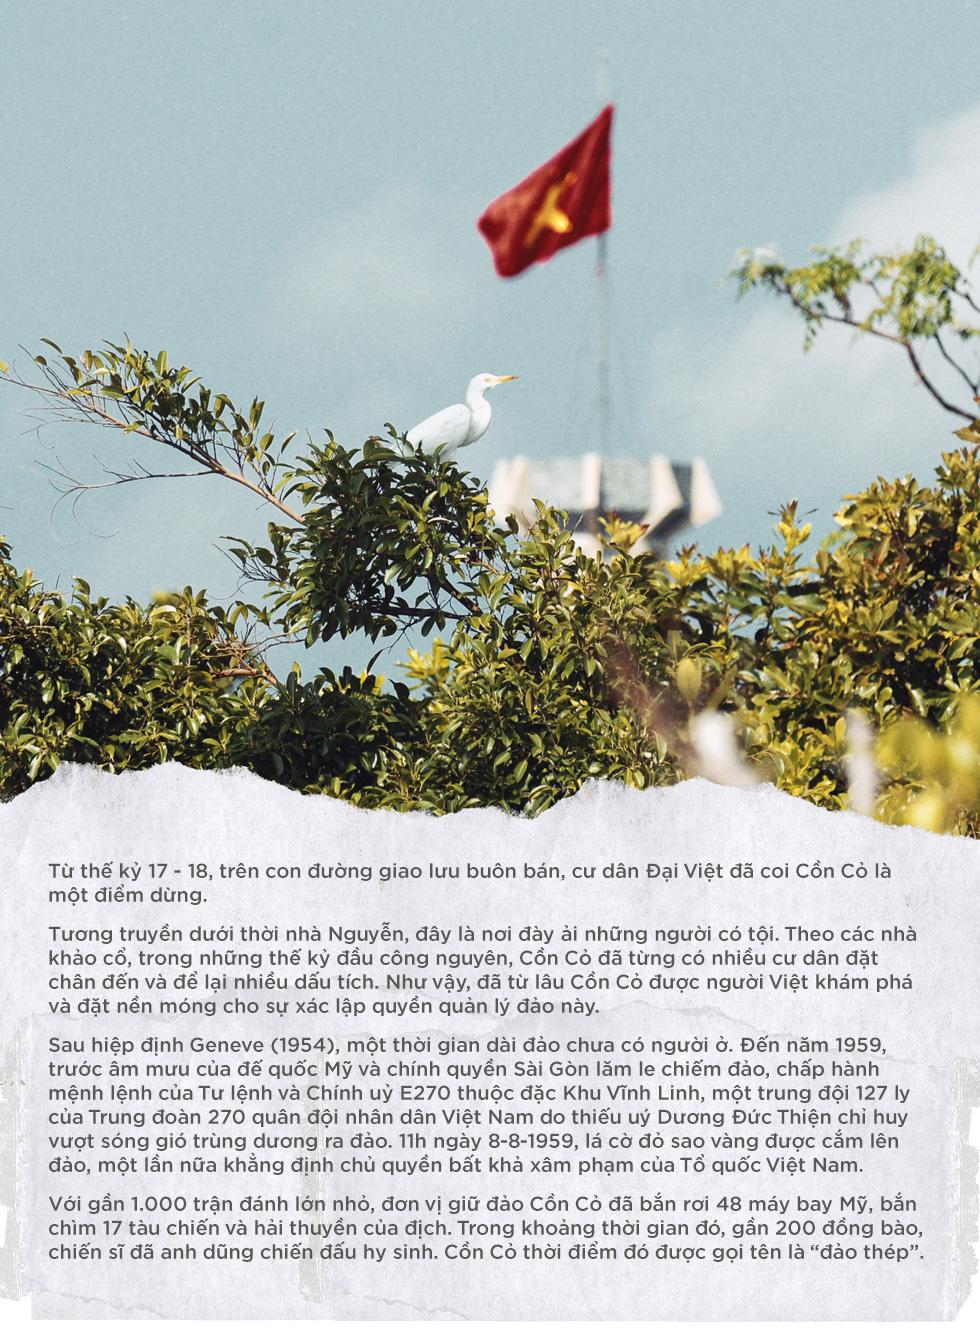 Cồn Cỏ - từ đảo thép thành đảo ngọc - Ảnh 14.